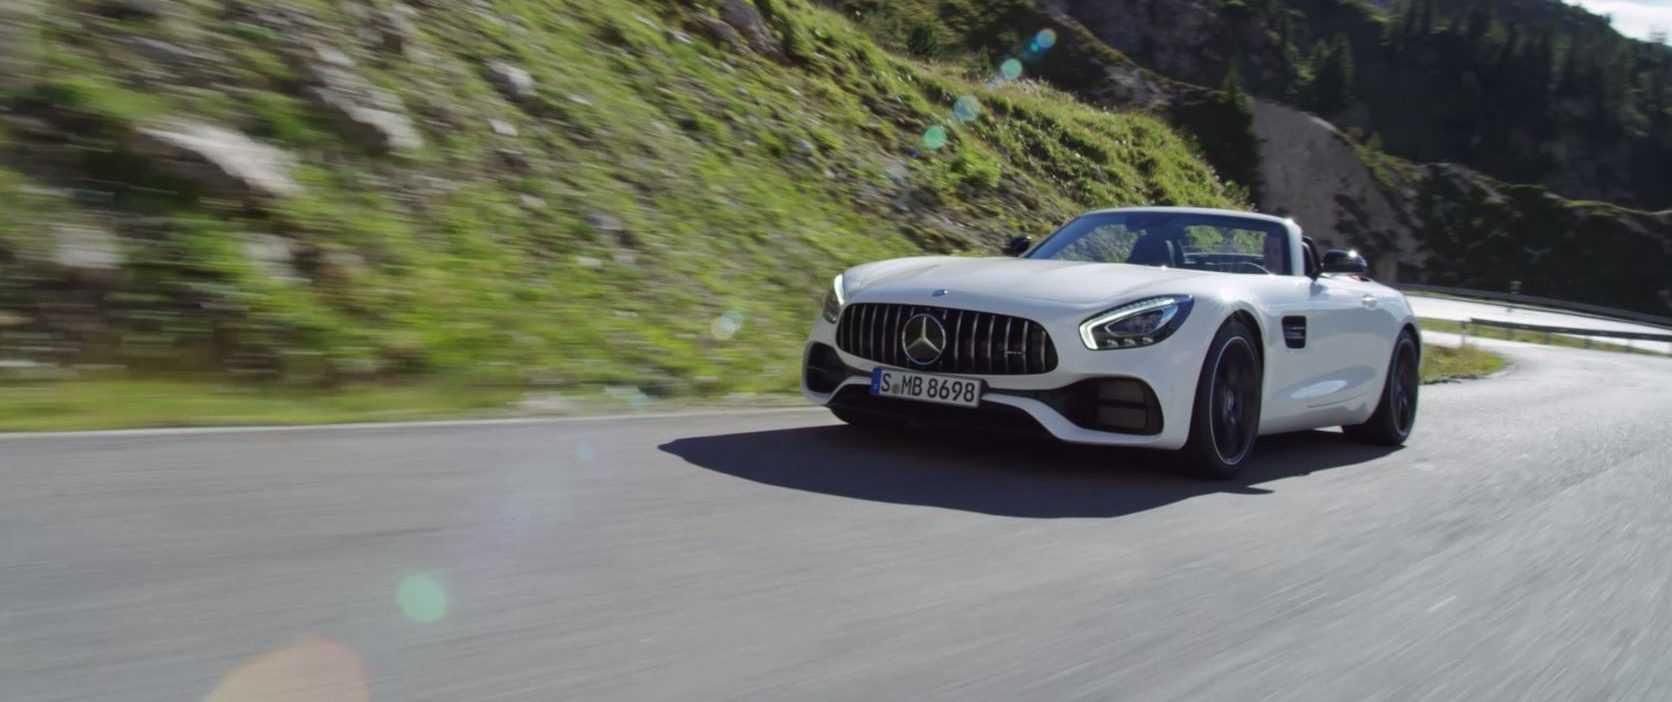 Mercedes-AMG GT Roadster 2017